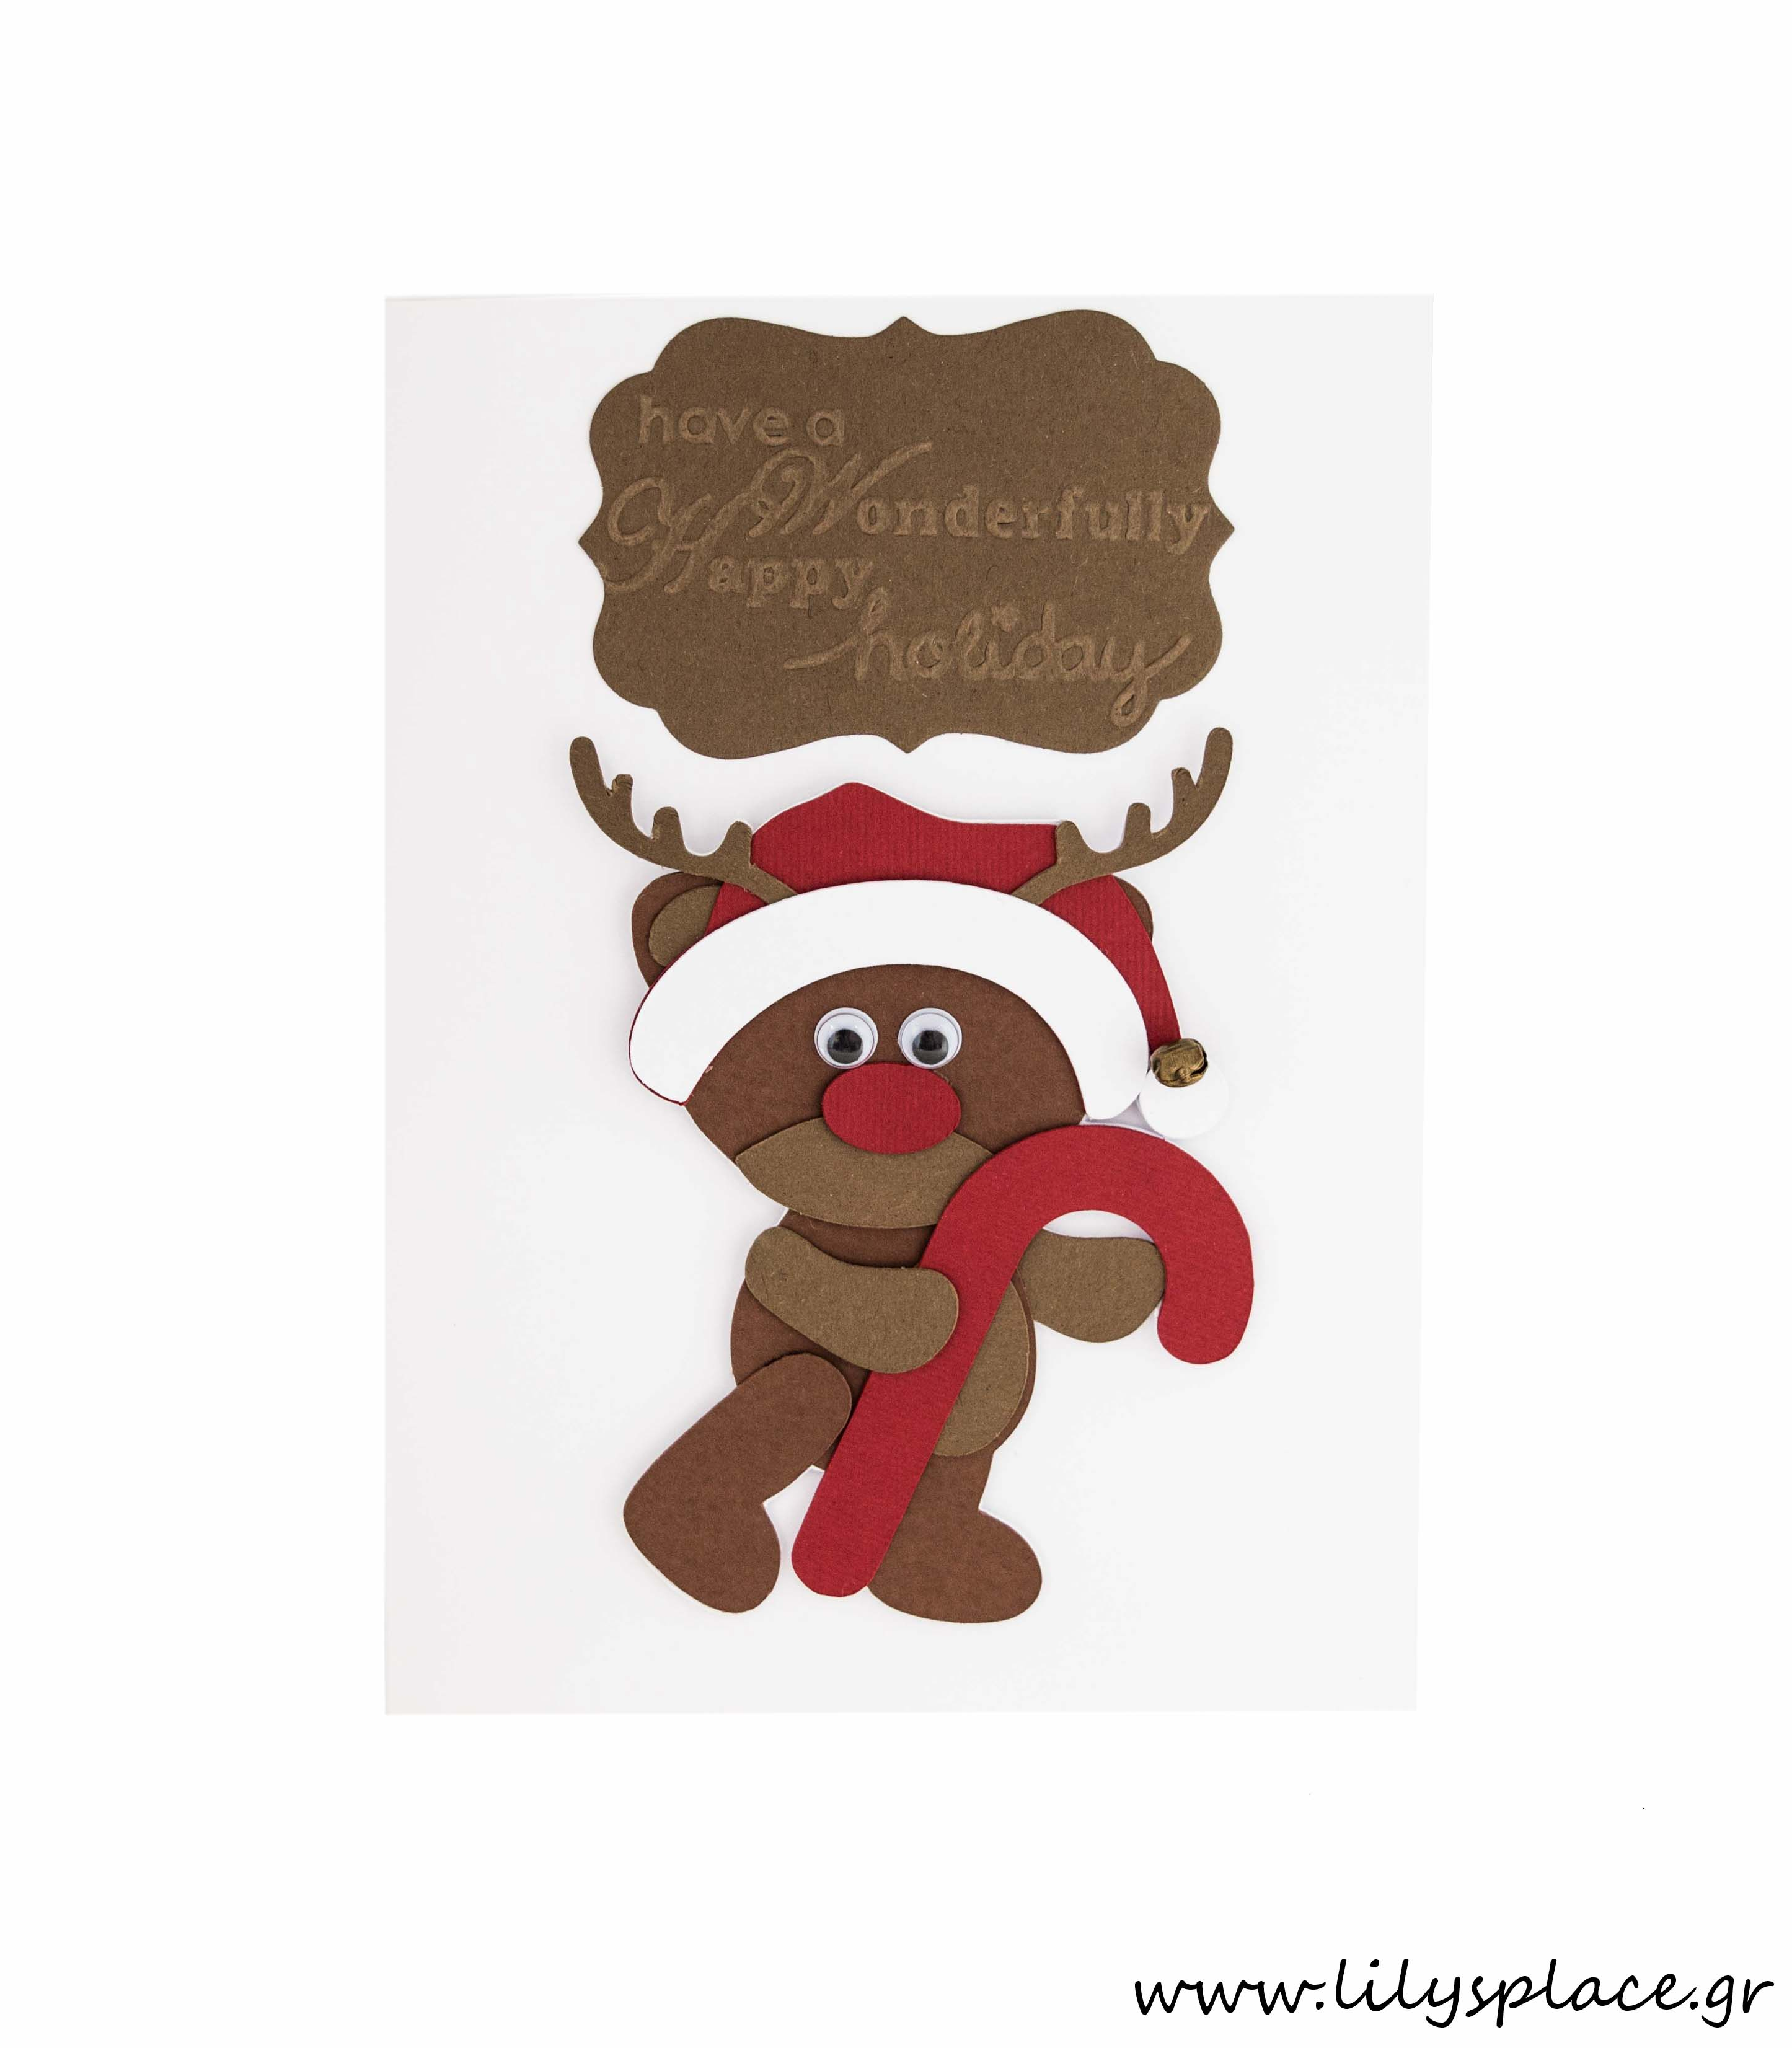 Κάρτα ευχών Χριστουγεννιάτικη με τάρανδο